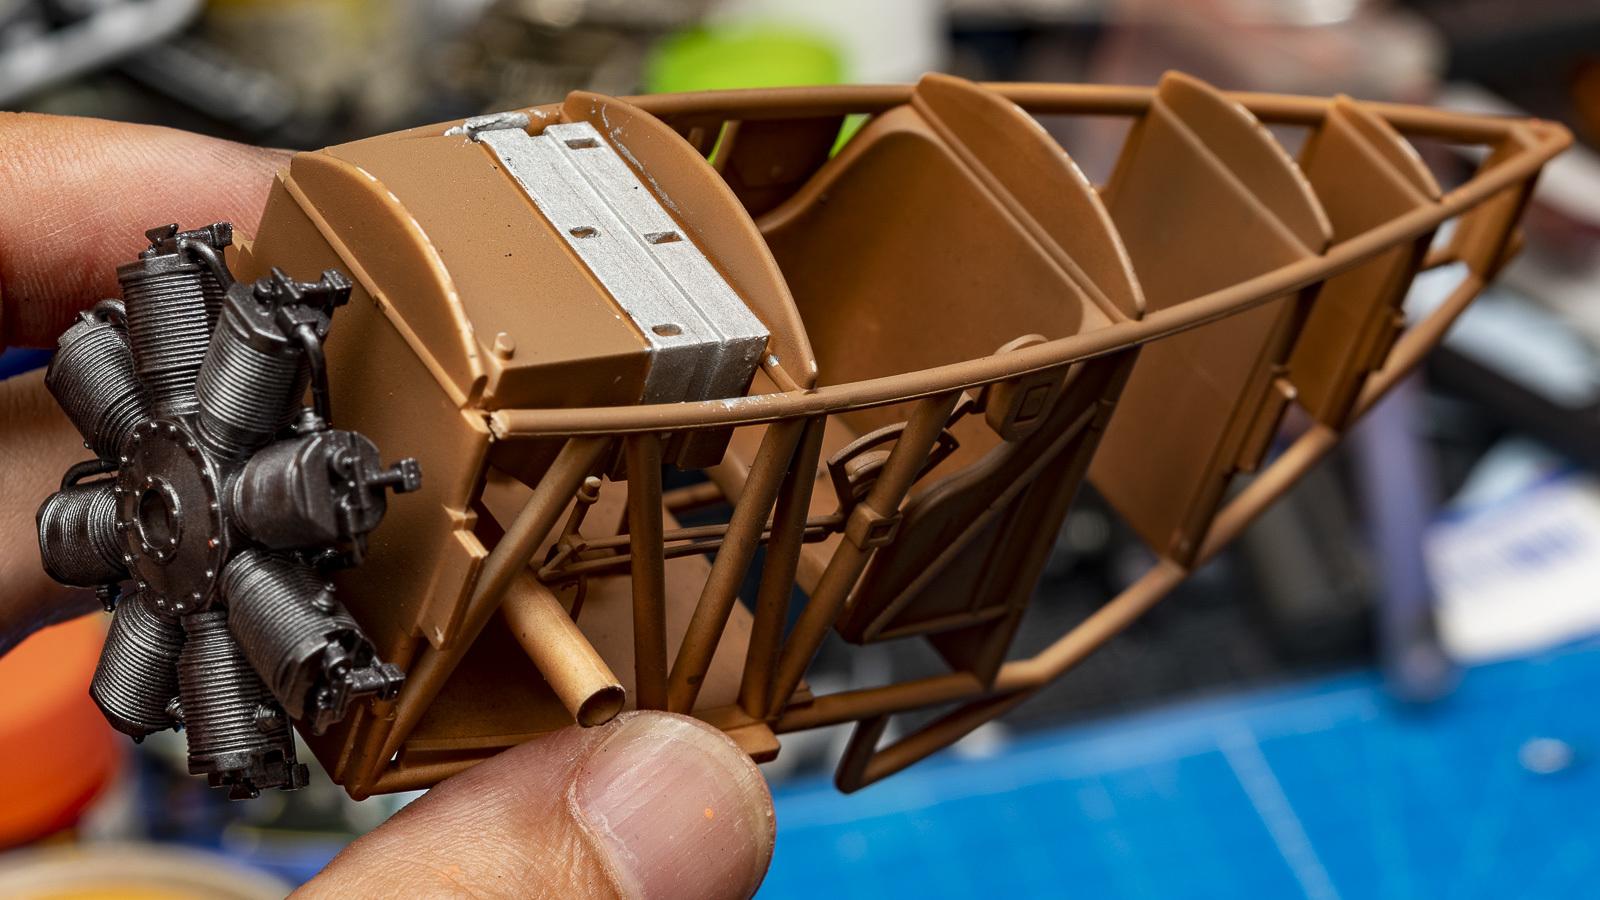 上海発、インディーズプラモメーカーの飛行機模型に痺れた話_b0029315_20102776.jpg